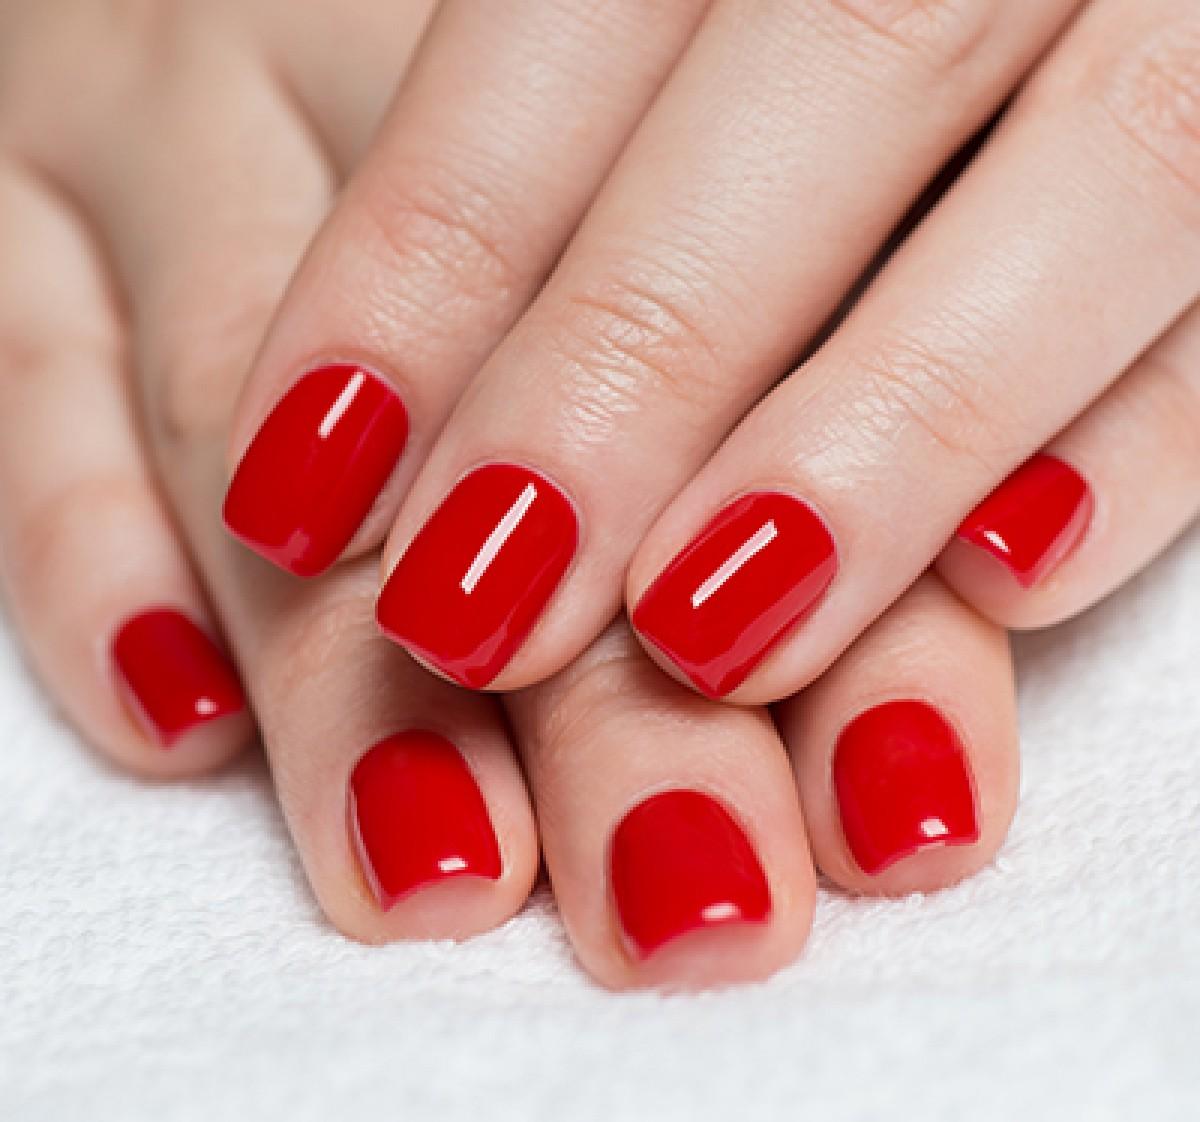 Jak Wybrac Idealny Ksztalt Paznokci Idealny Manicure Blog Orphica